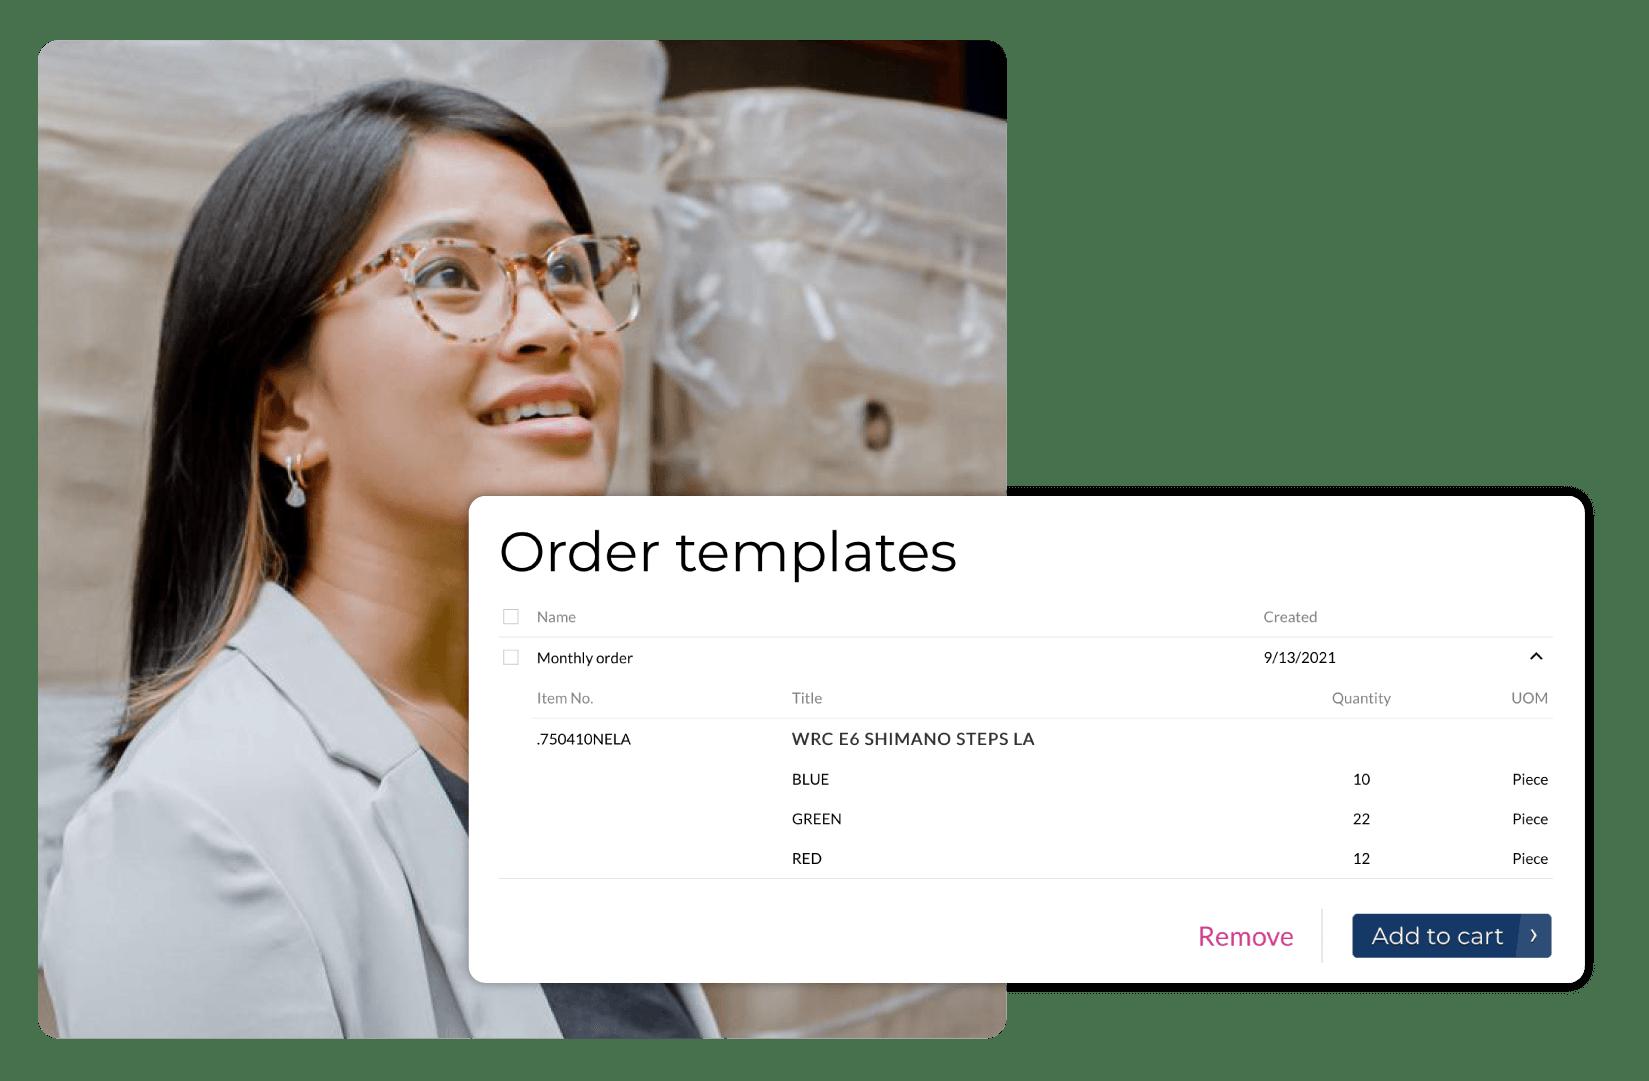 Facilita los pedidos y las devoluciones (RMA)